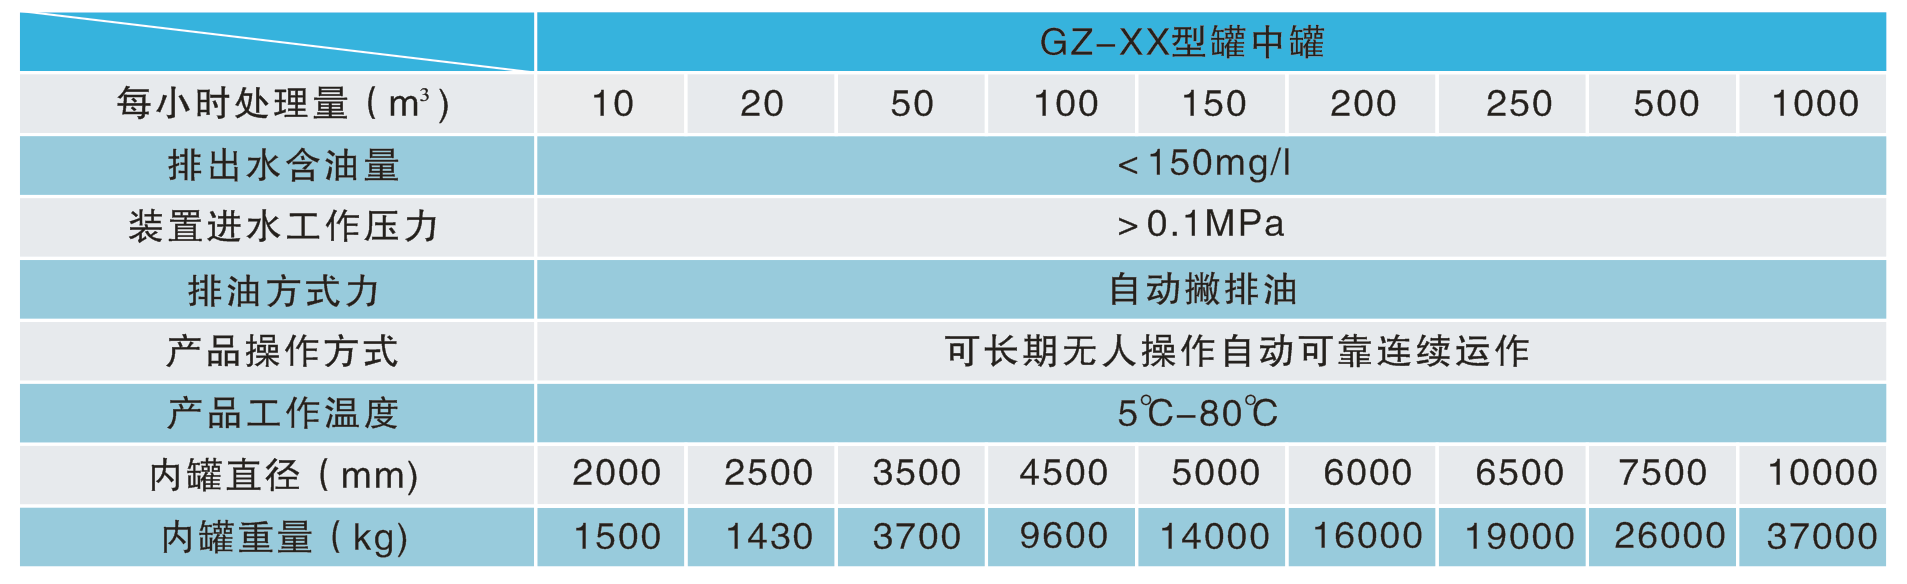 GZ-XX型罐中罐